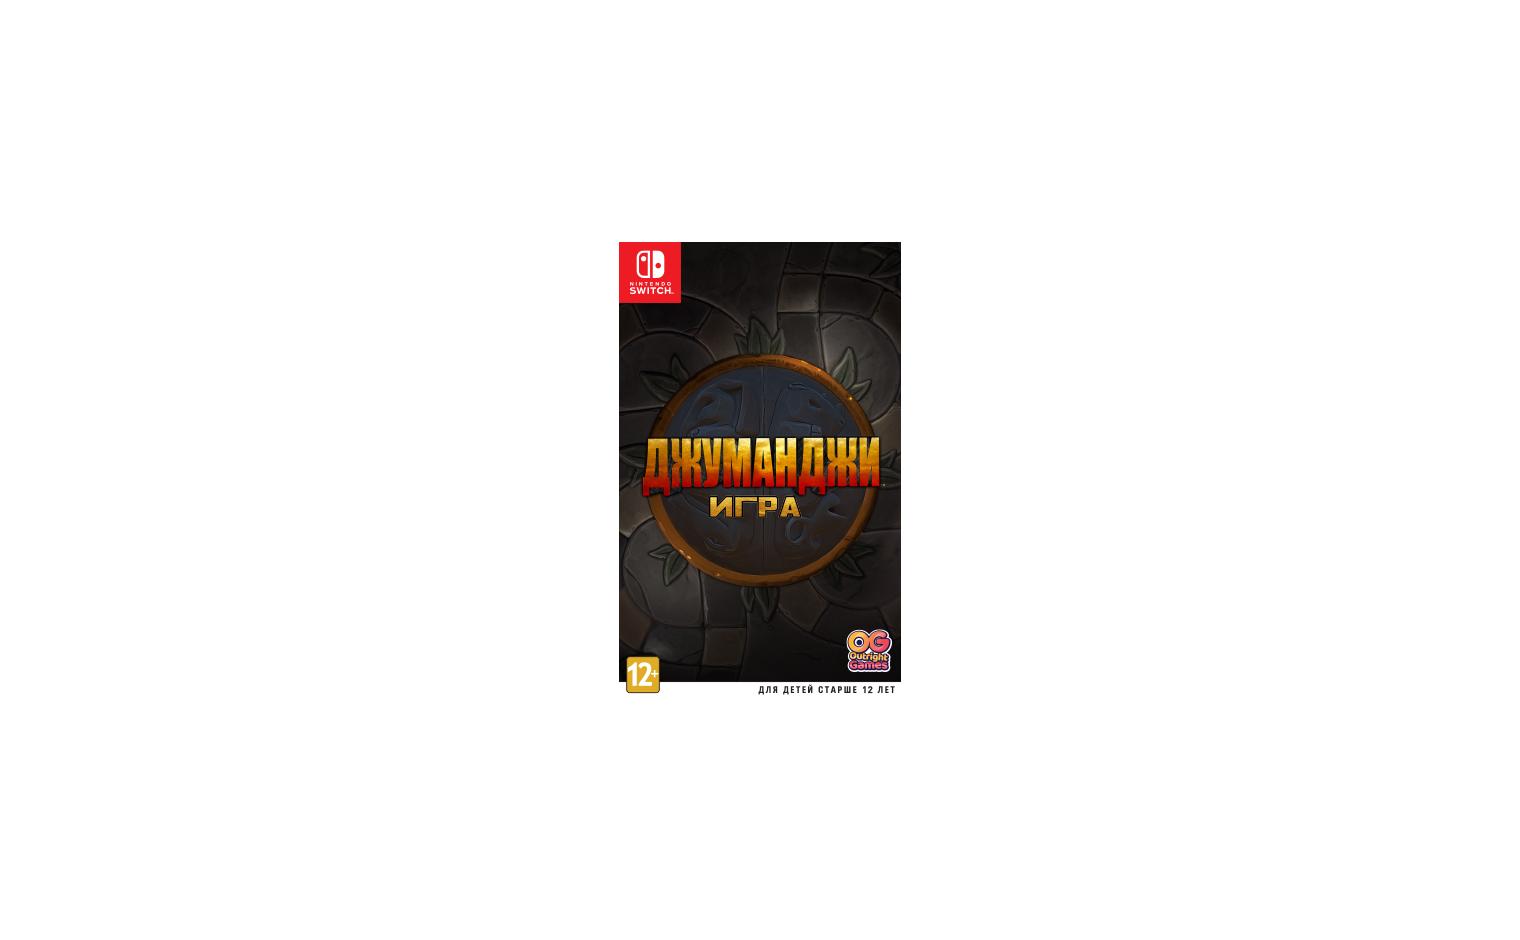 Nintendo Джуманджи: Игра Nintendo